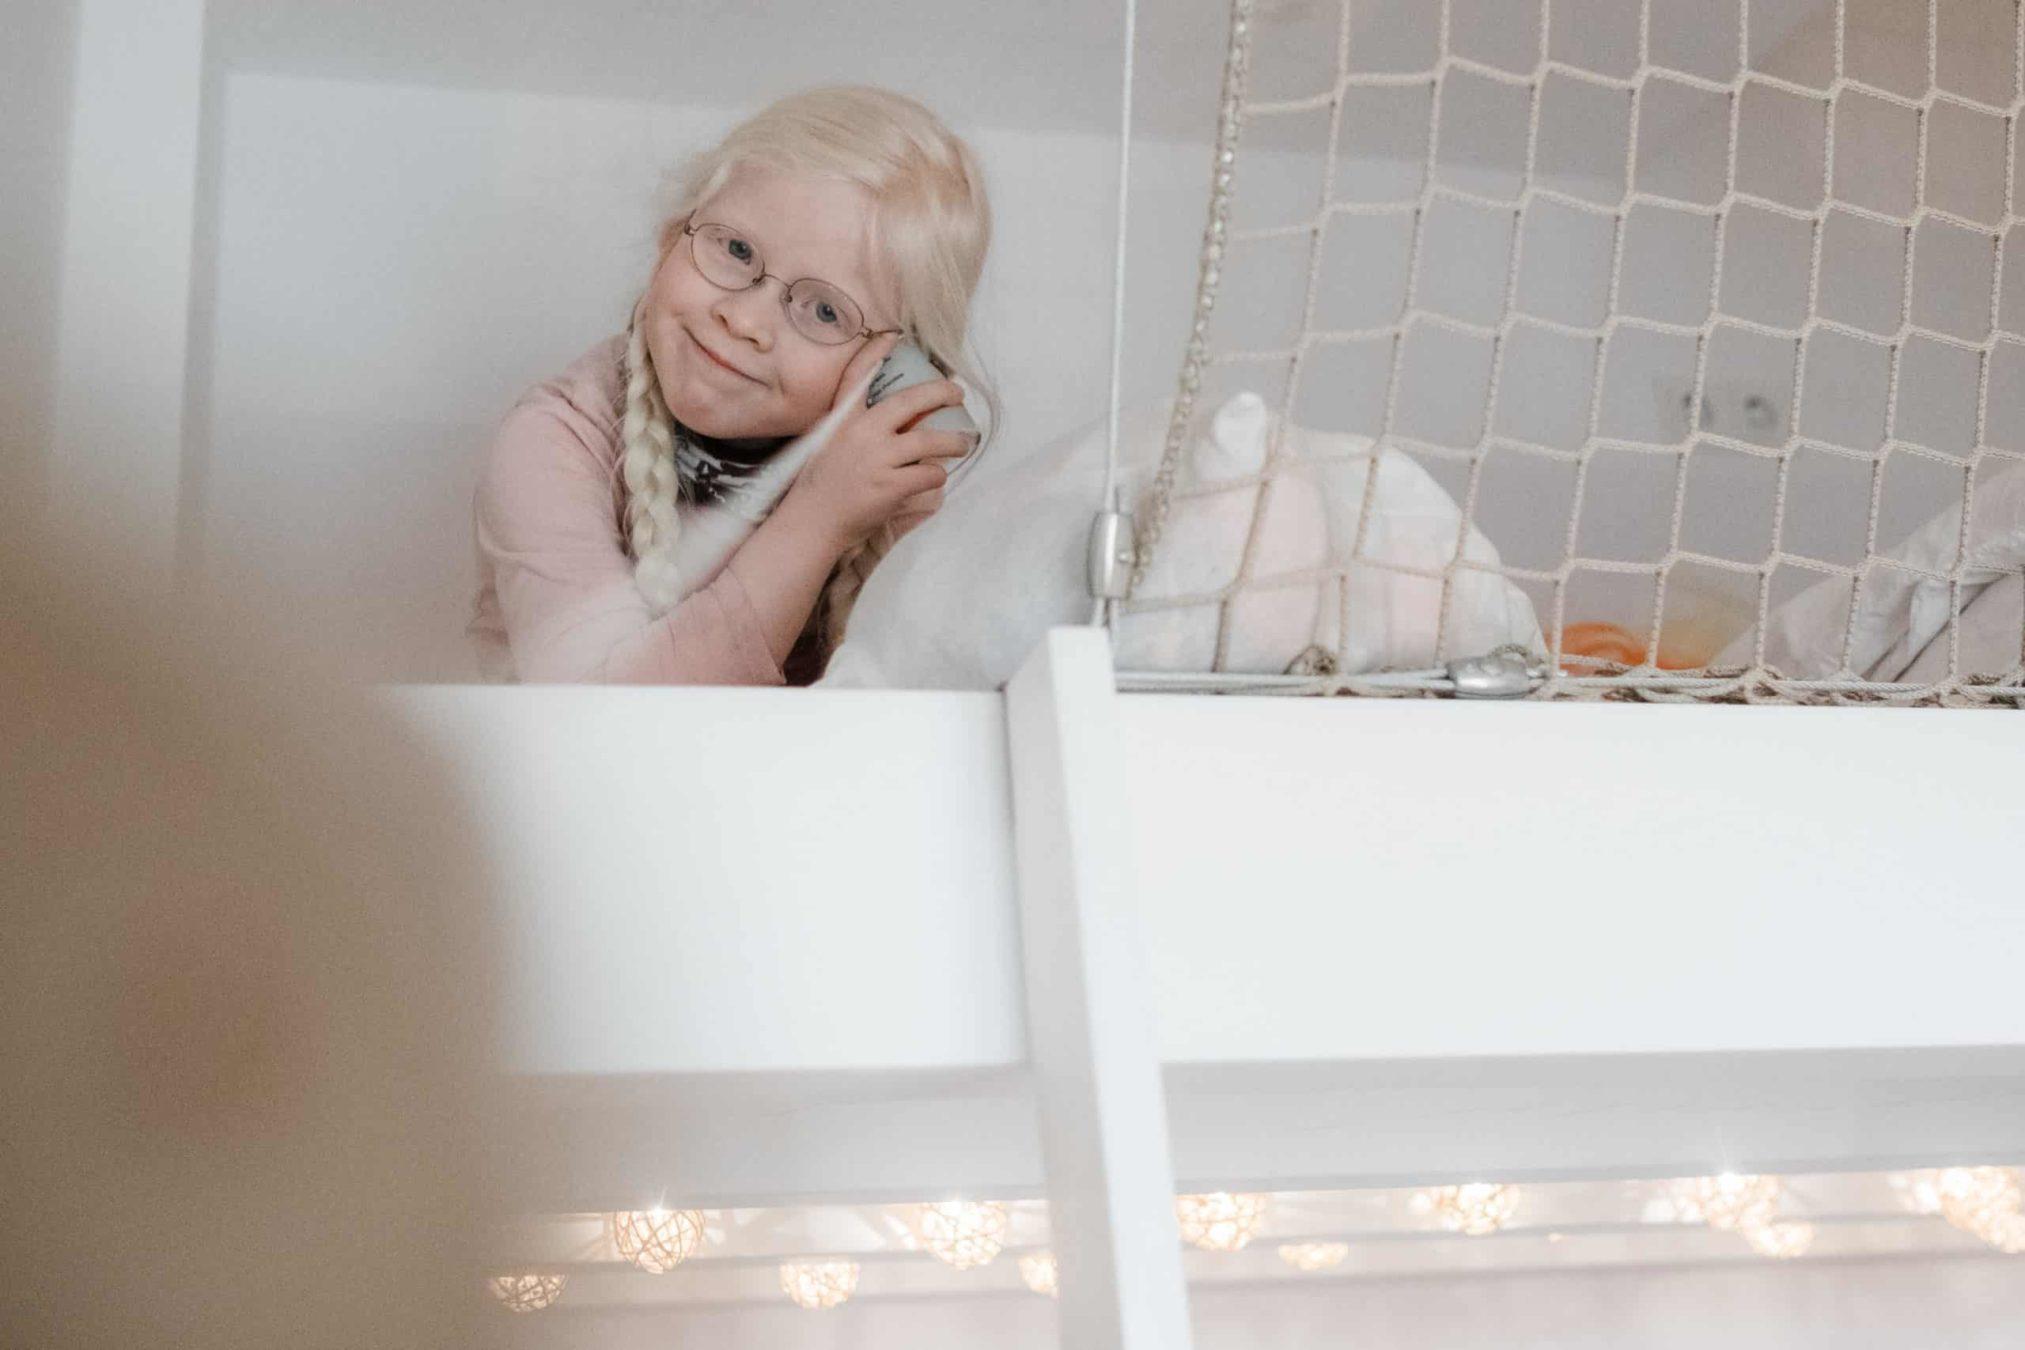 ein Mädchen sitzt auf einem Hochbett, sie trägt 2 Zöpfe und eine Brille, sie hält sich ein Kuscheltier an die Wange und grinst